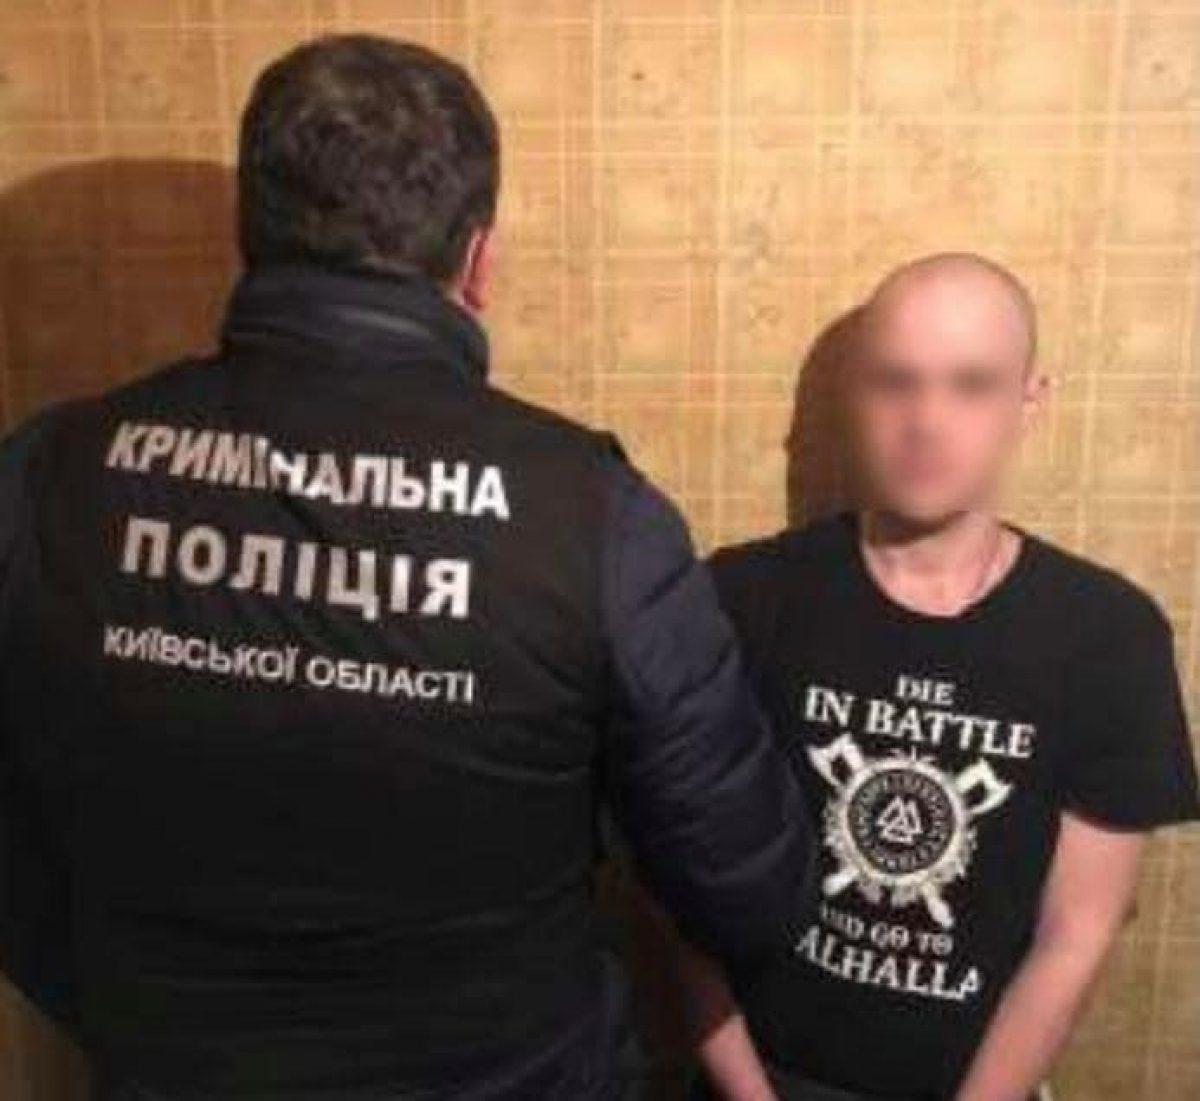 на Киевщине будут судить сутенера — Новости Киева — УНИАН